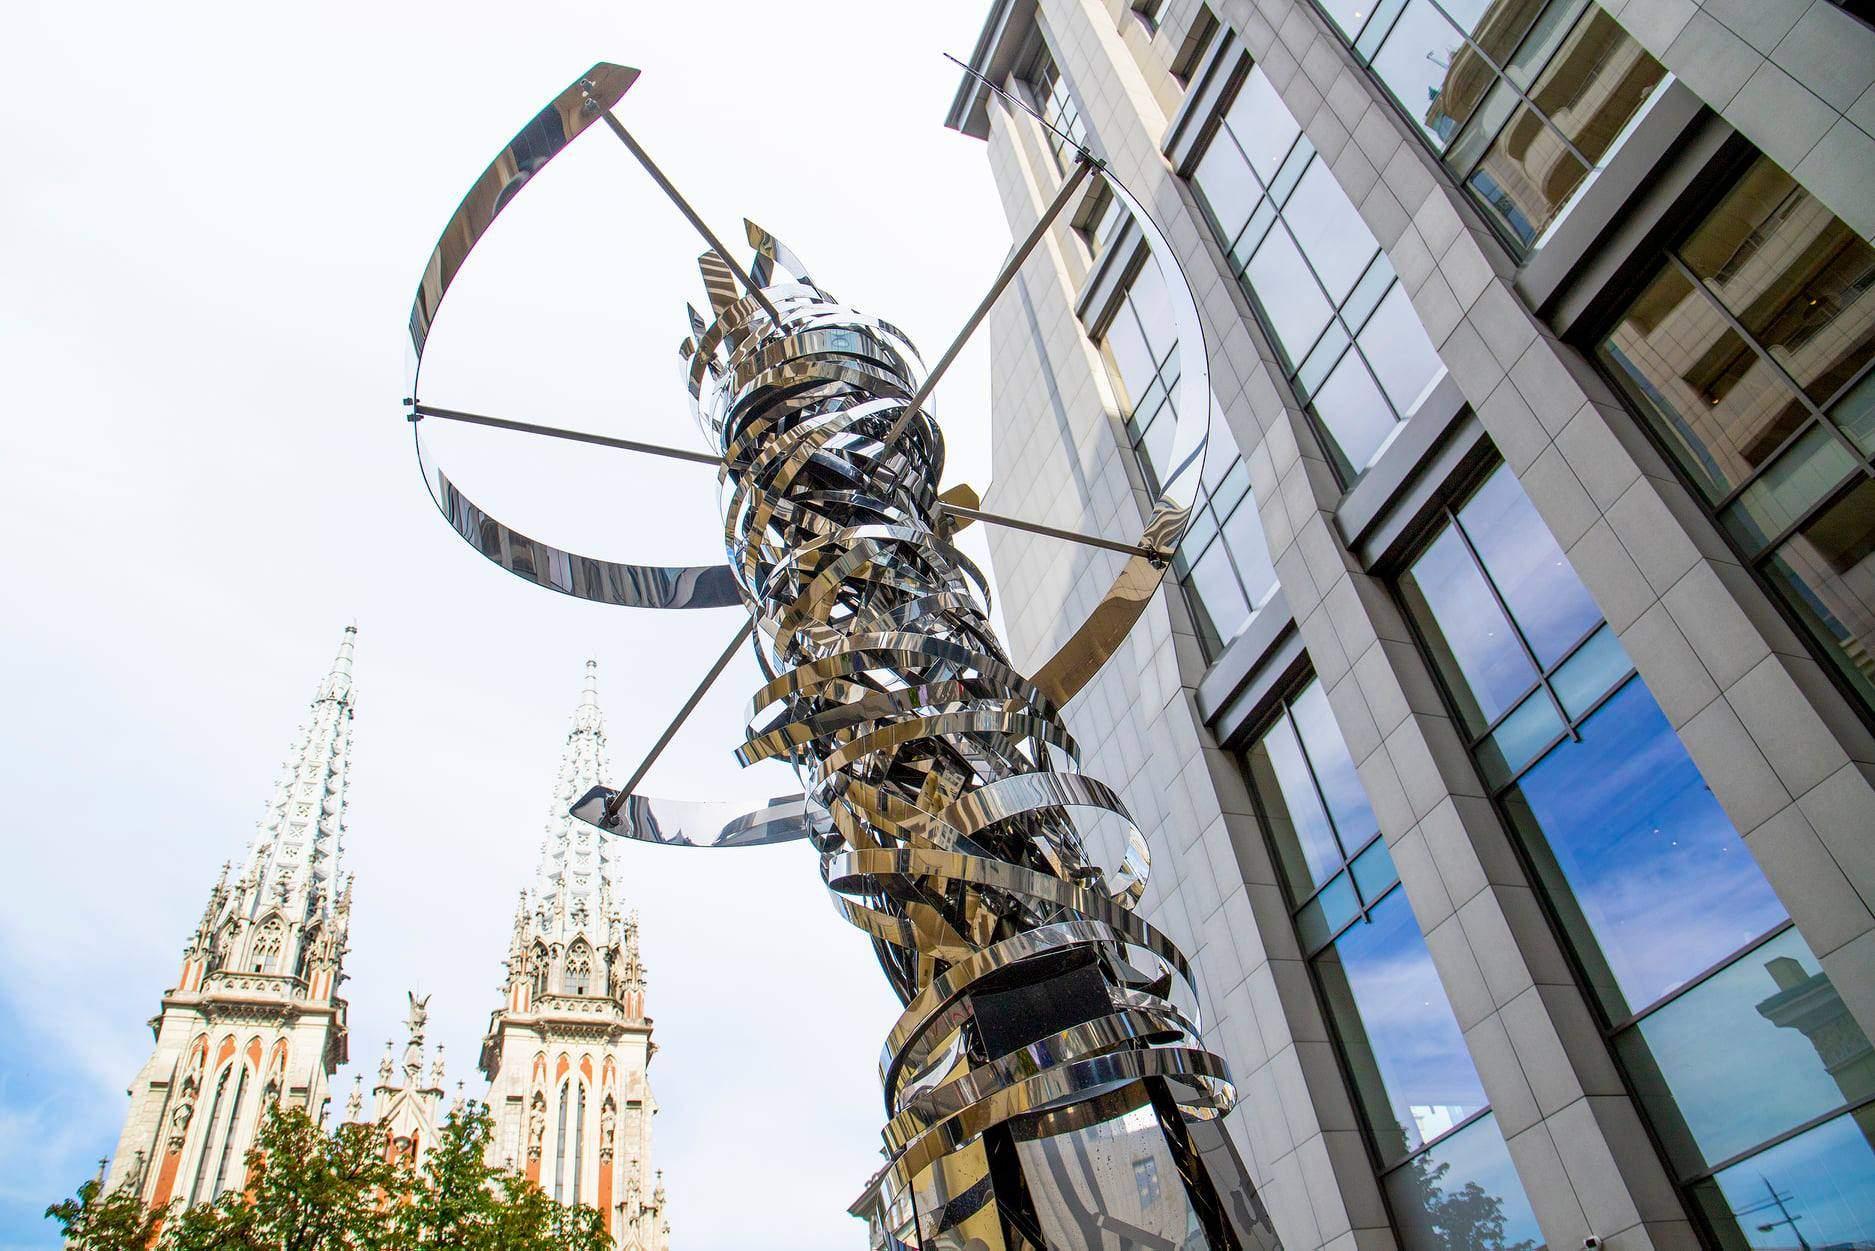 Скульптура ДНК-молекули в Києві